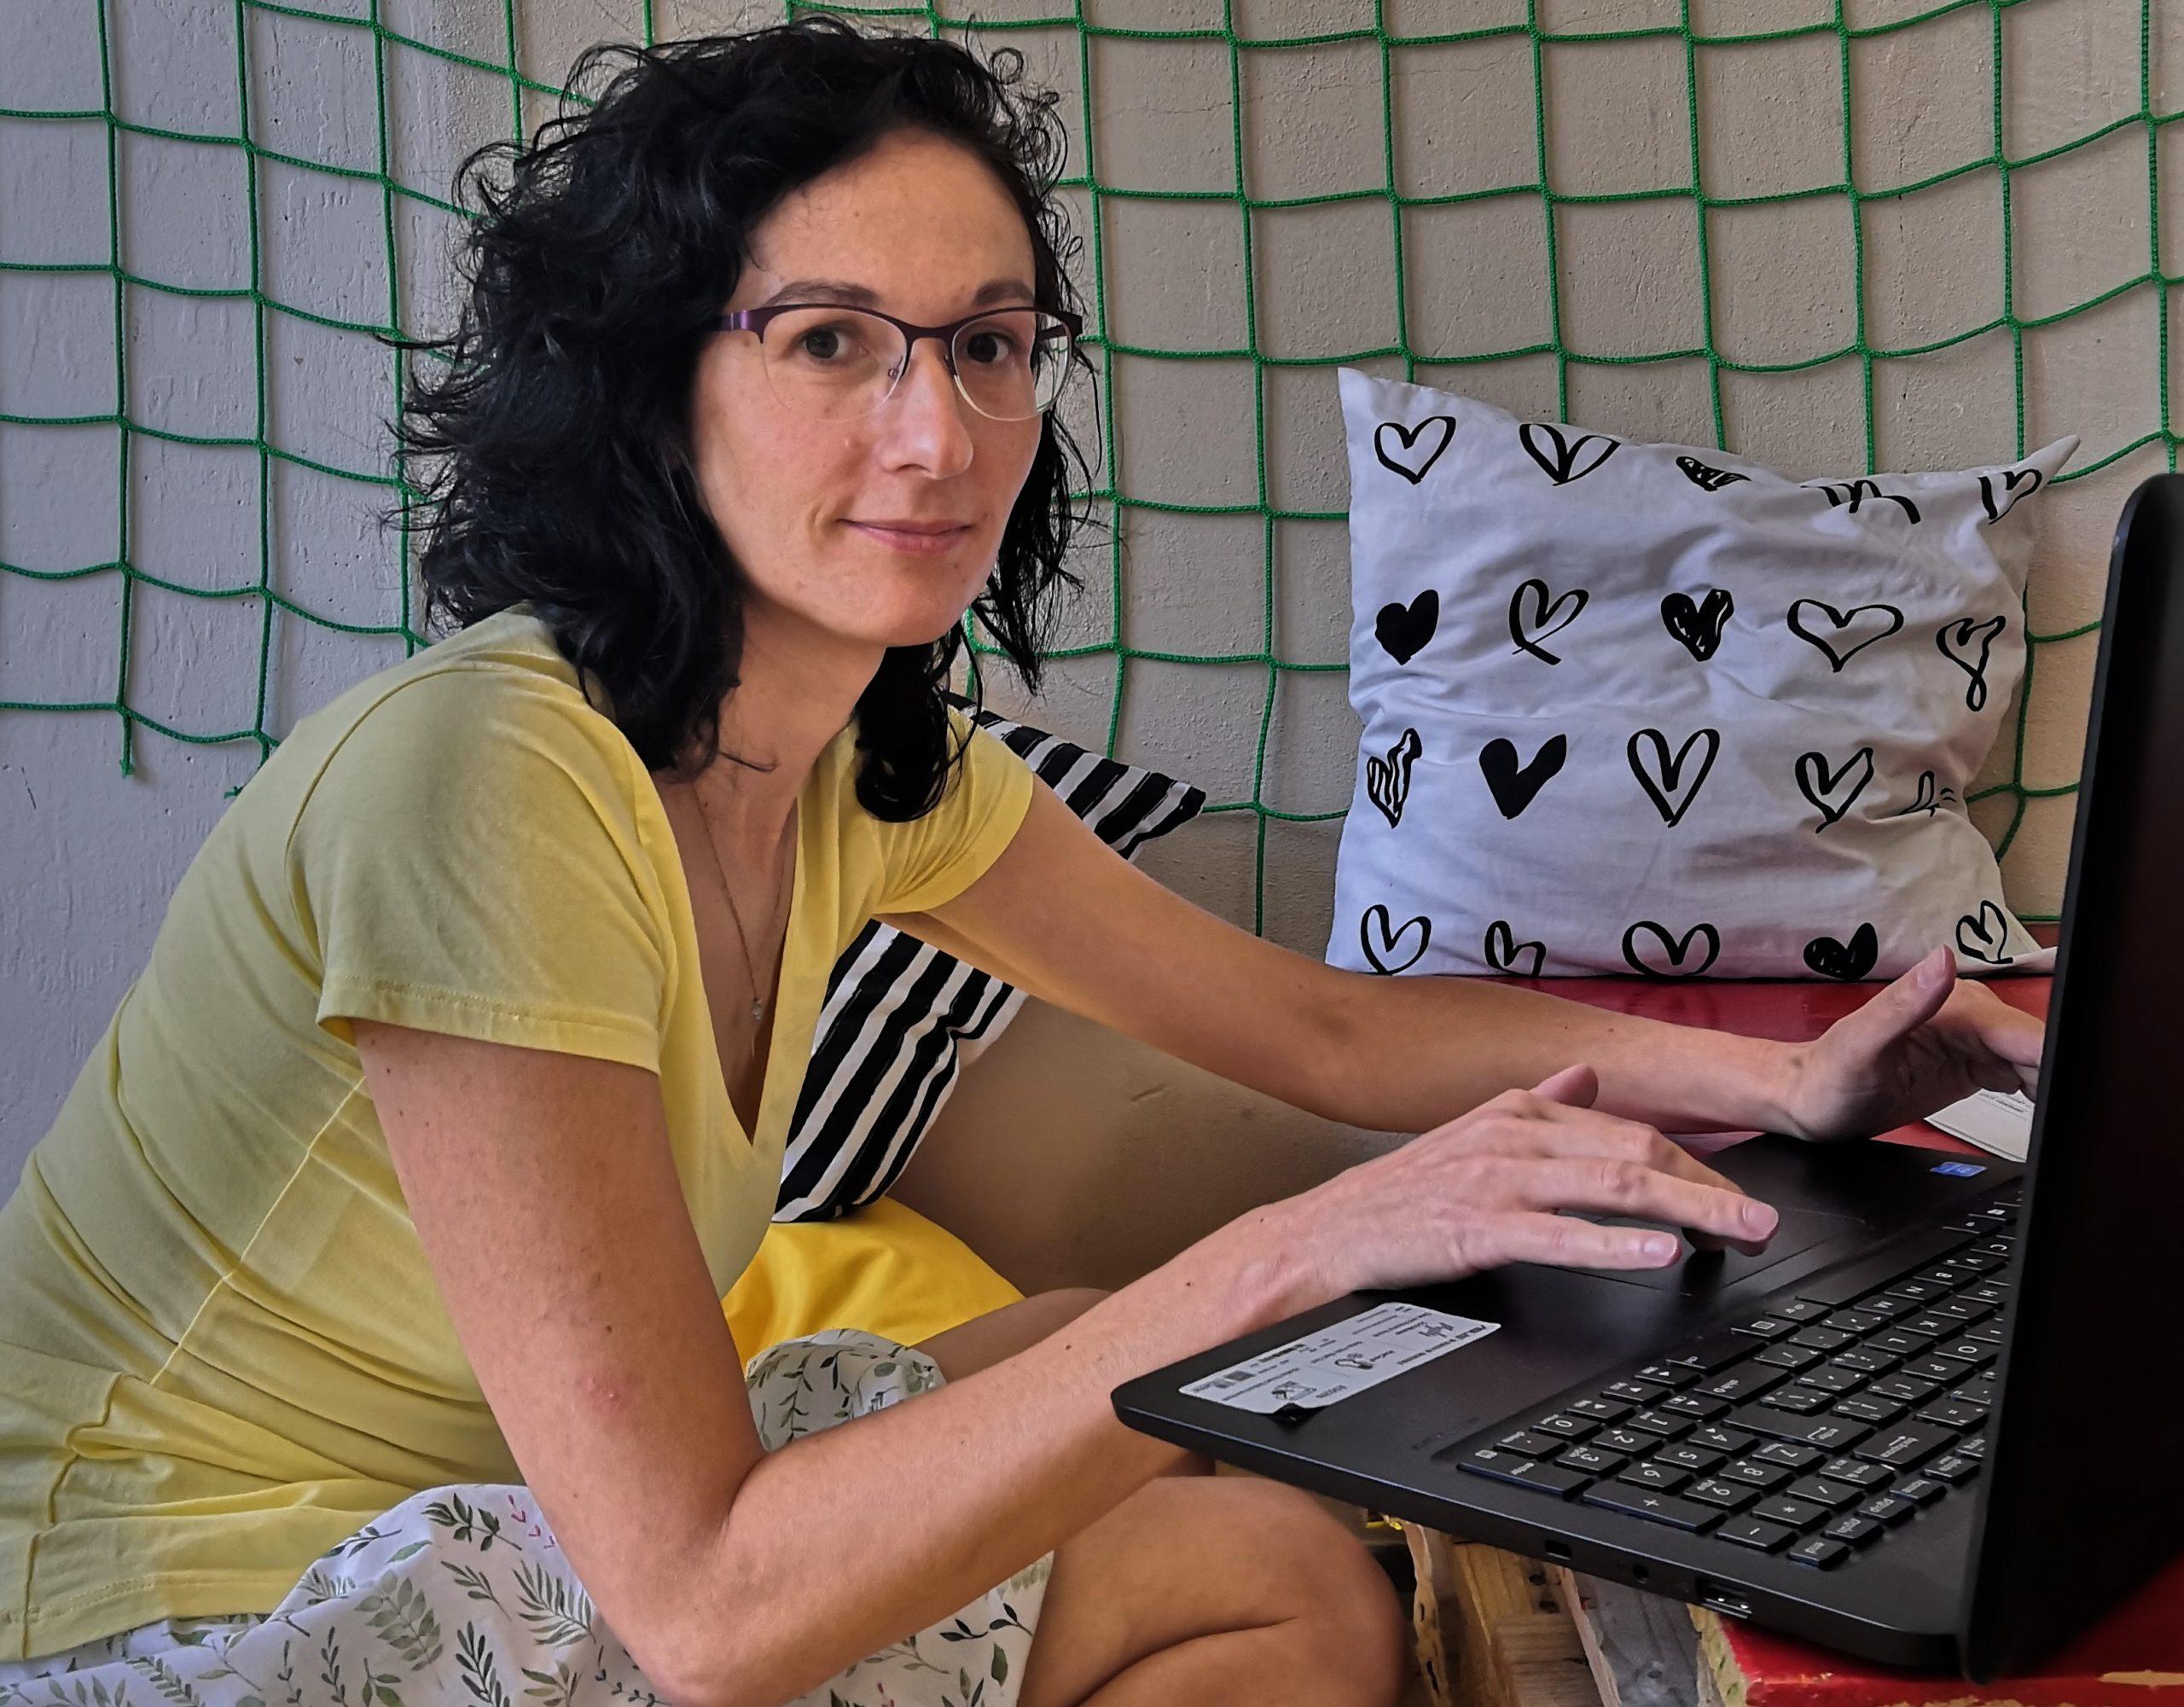 """""""Svým druhákům většinou píšu zhruba dvě strany A4, písmem velikosti 16, aby se jim to dobře četlo. Píšu dítěti, takže ve druhé osobě jednotného čísla, a oslovuji ho,"""" říká Barbora Heřmanová."""